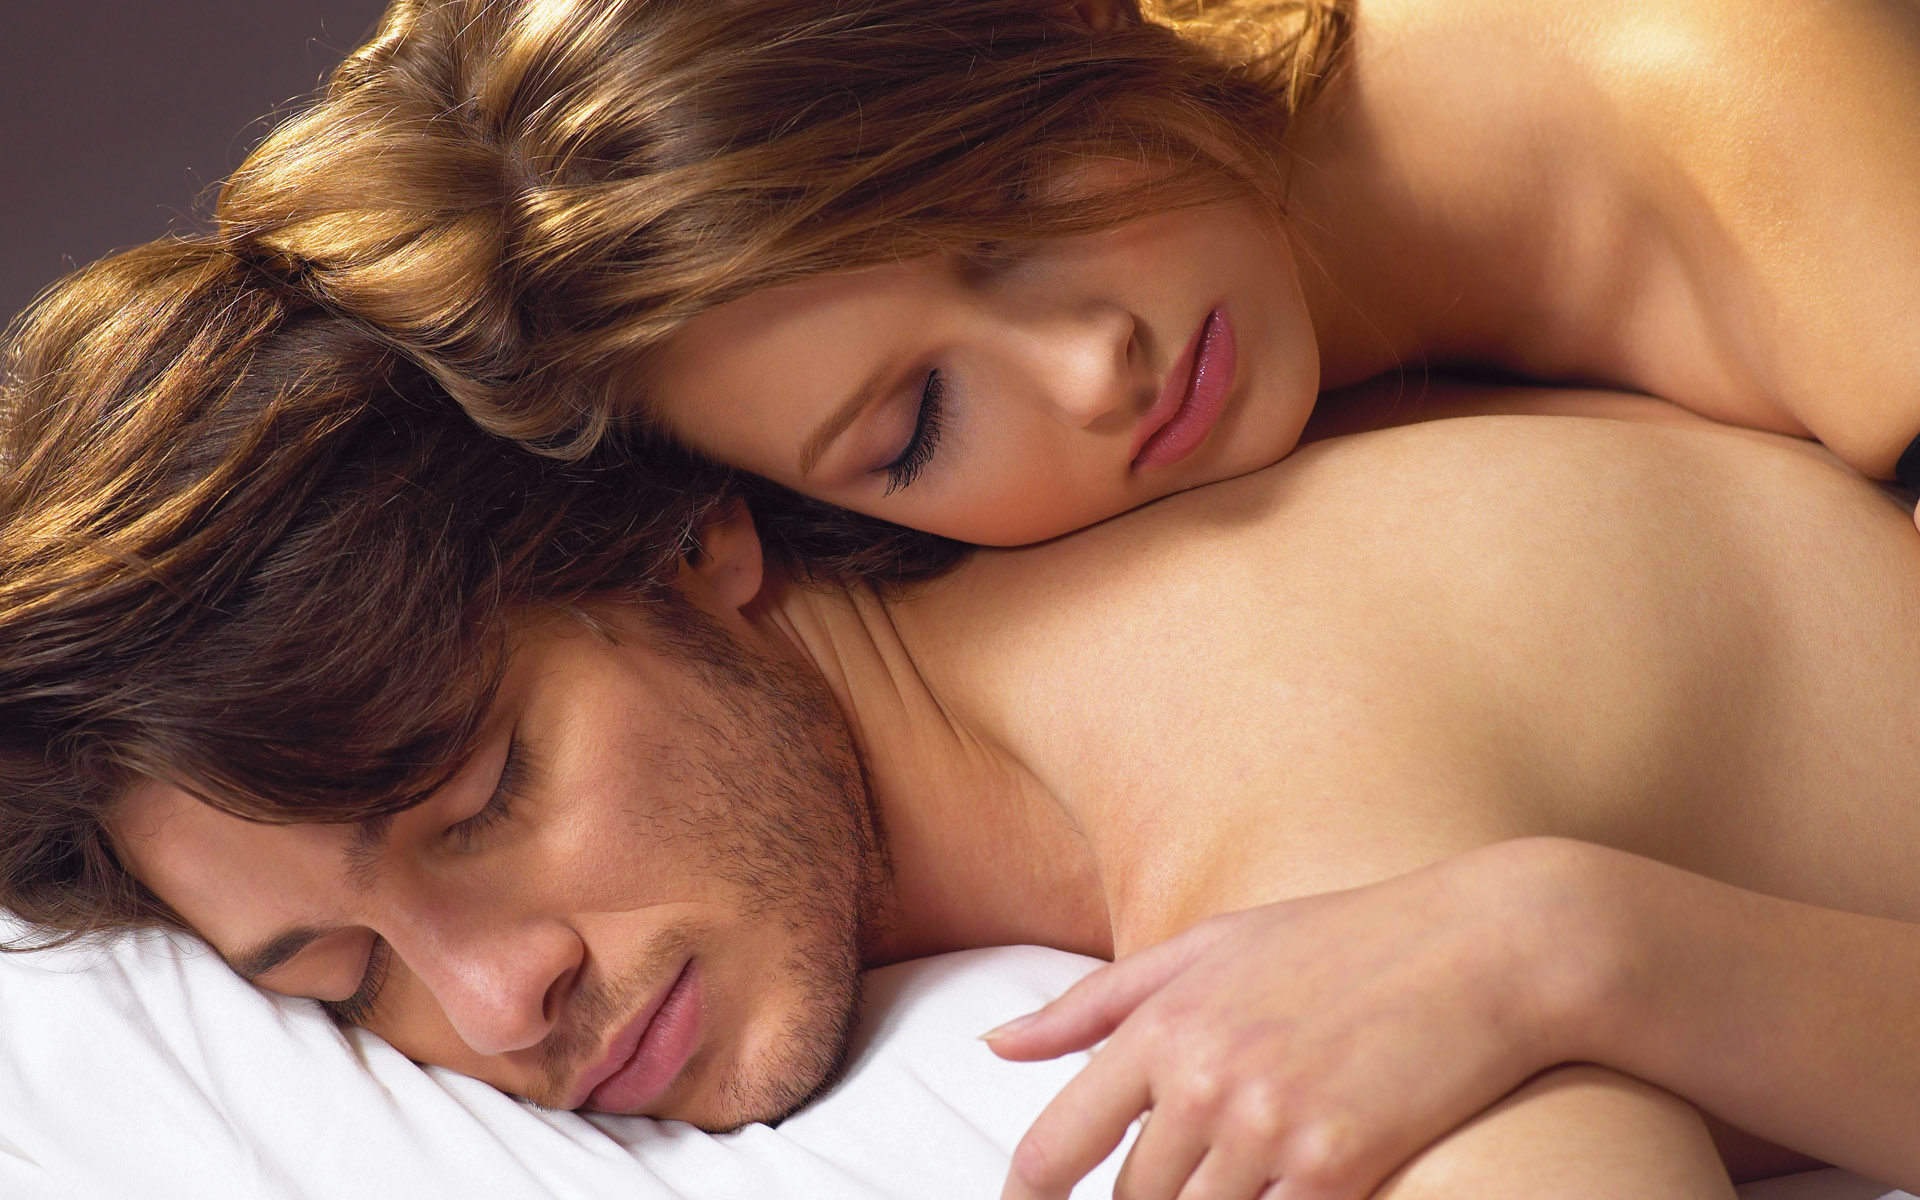 Фото жён спящих 9 фотография